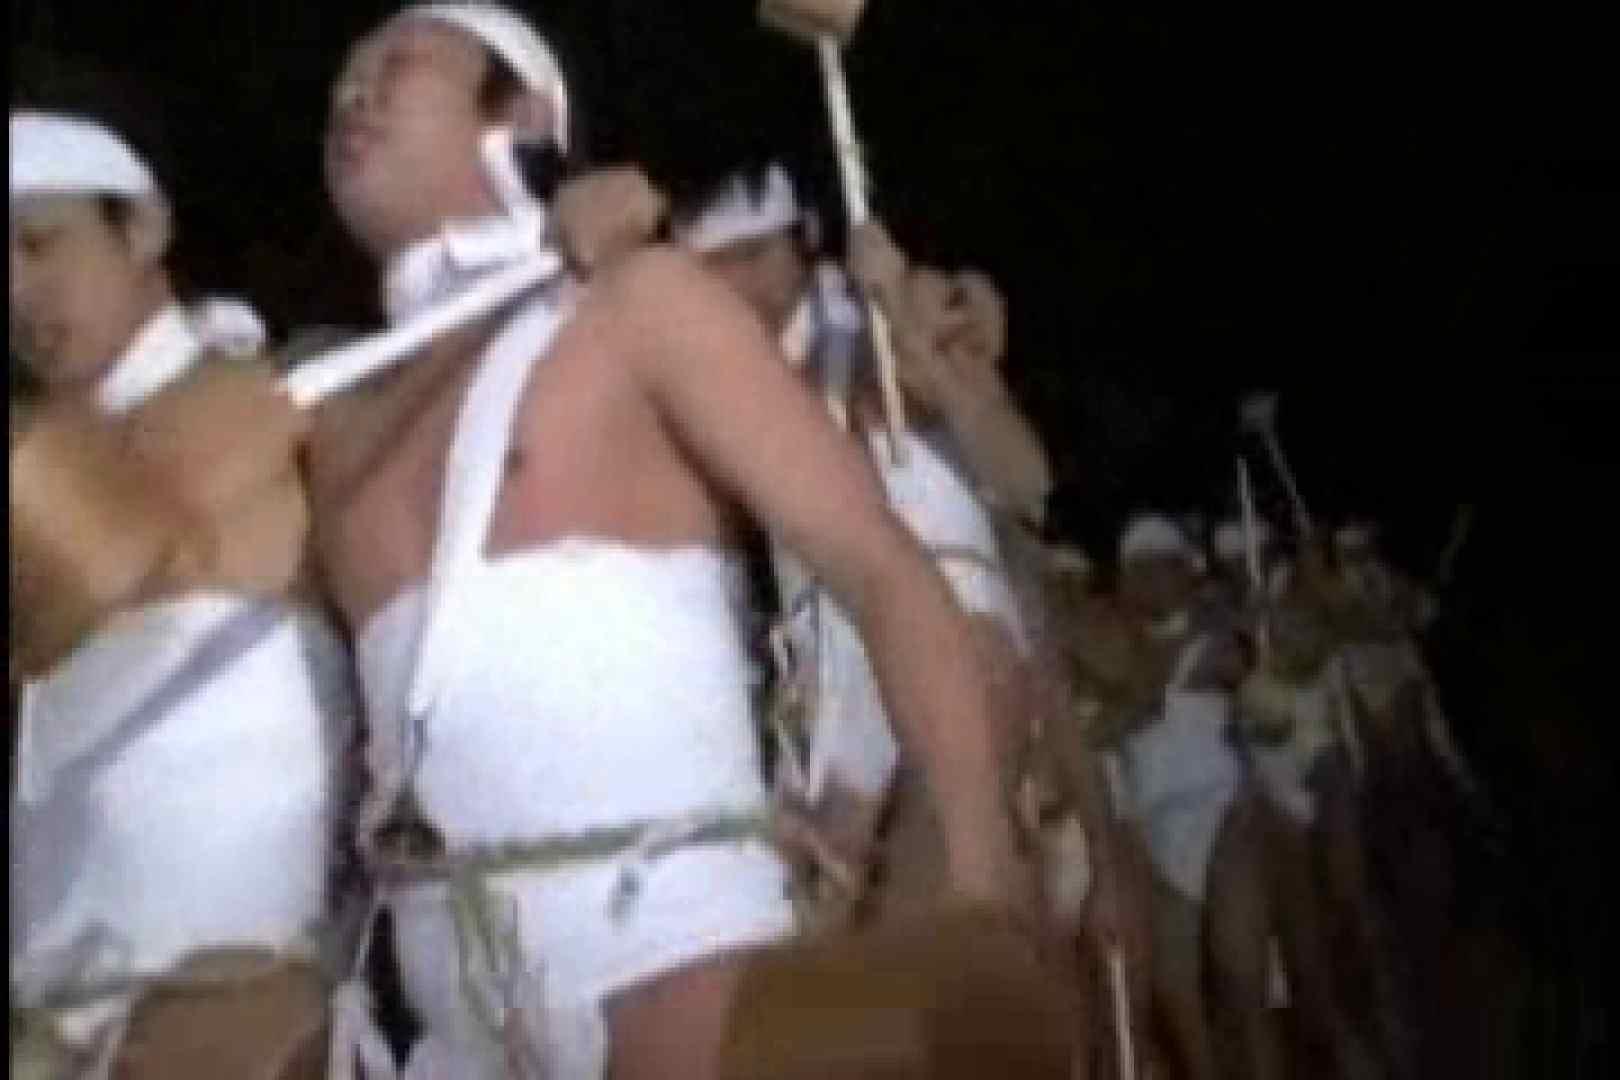 陰間茶屋 男児祭り VOL.7 男どうし ゲイ無料無修正画像 110pic 100